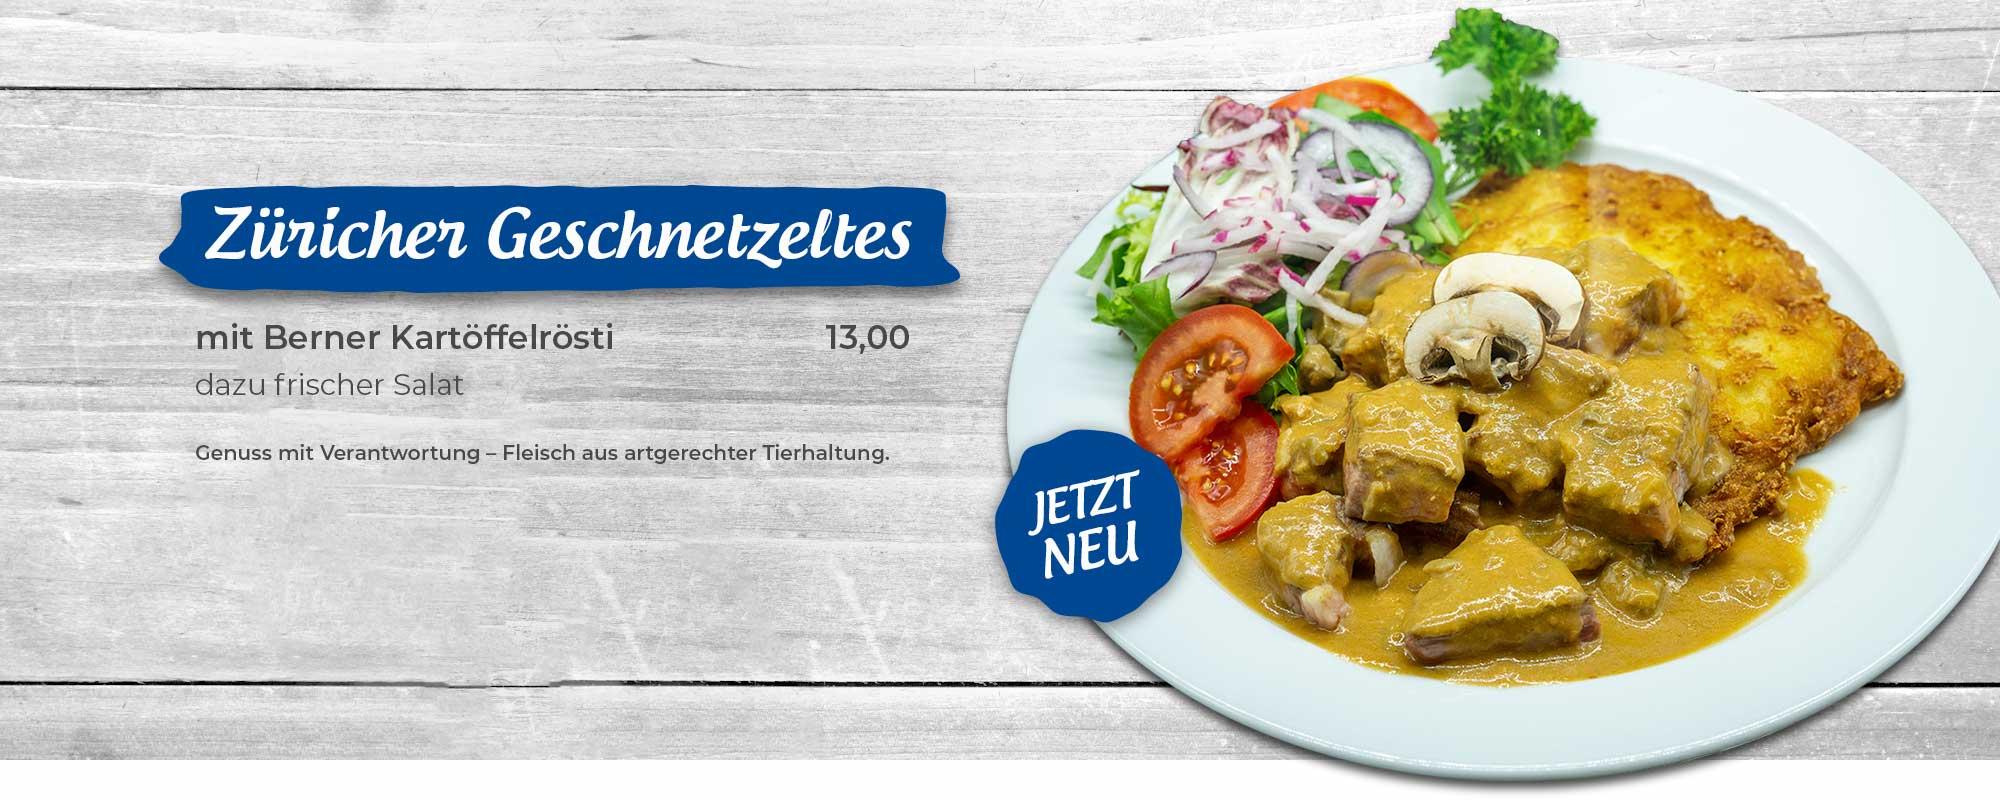 Garnelenteller mit Garnelen, Salat der Saison, Knoblauchbaguette halbiert und Knoblauchdip